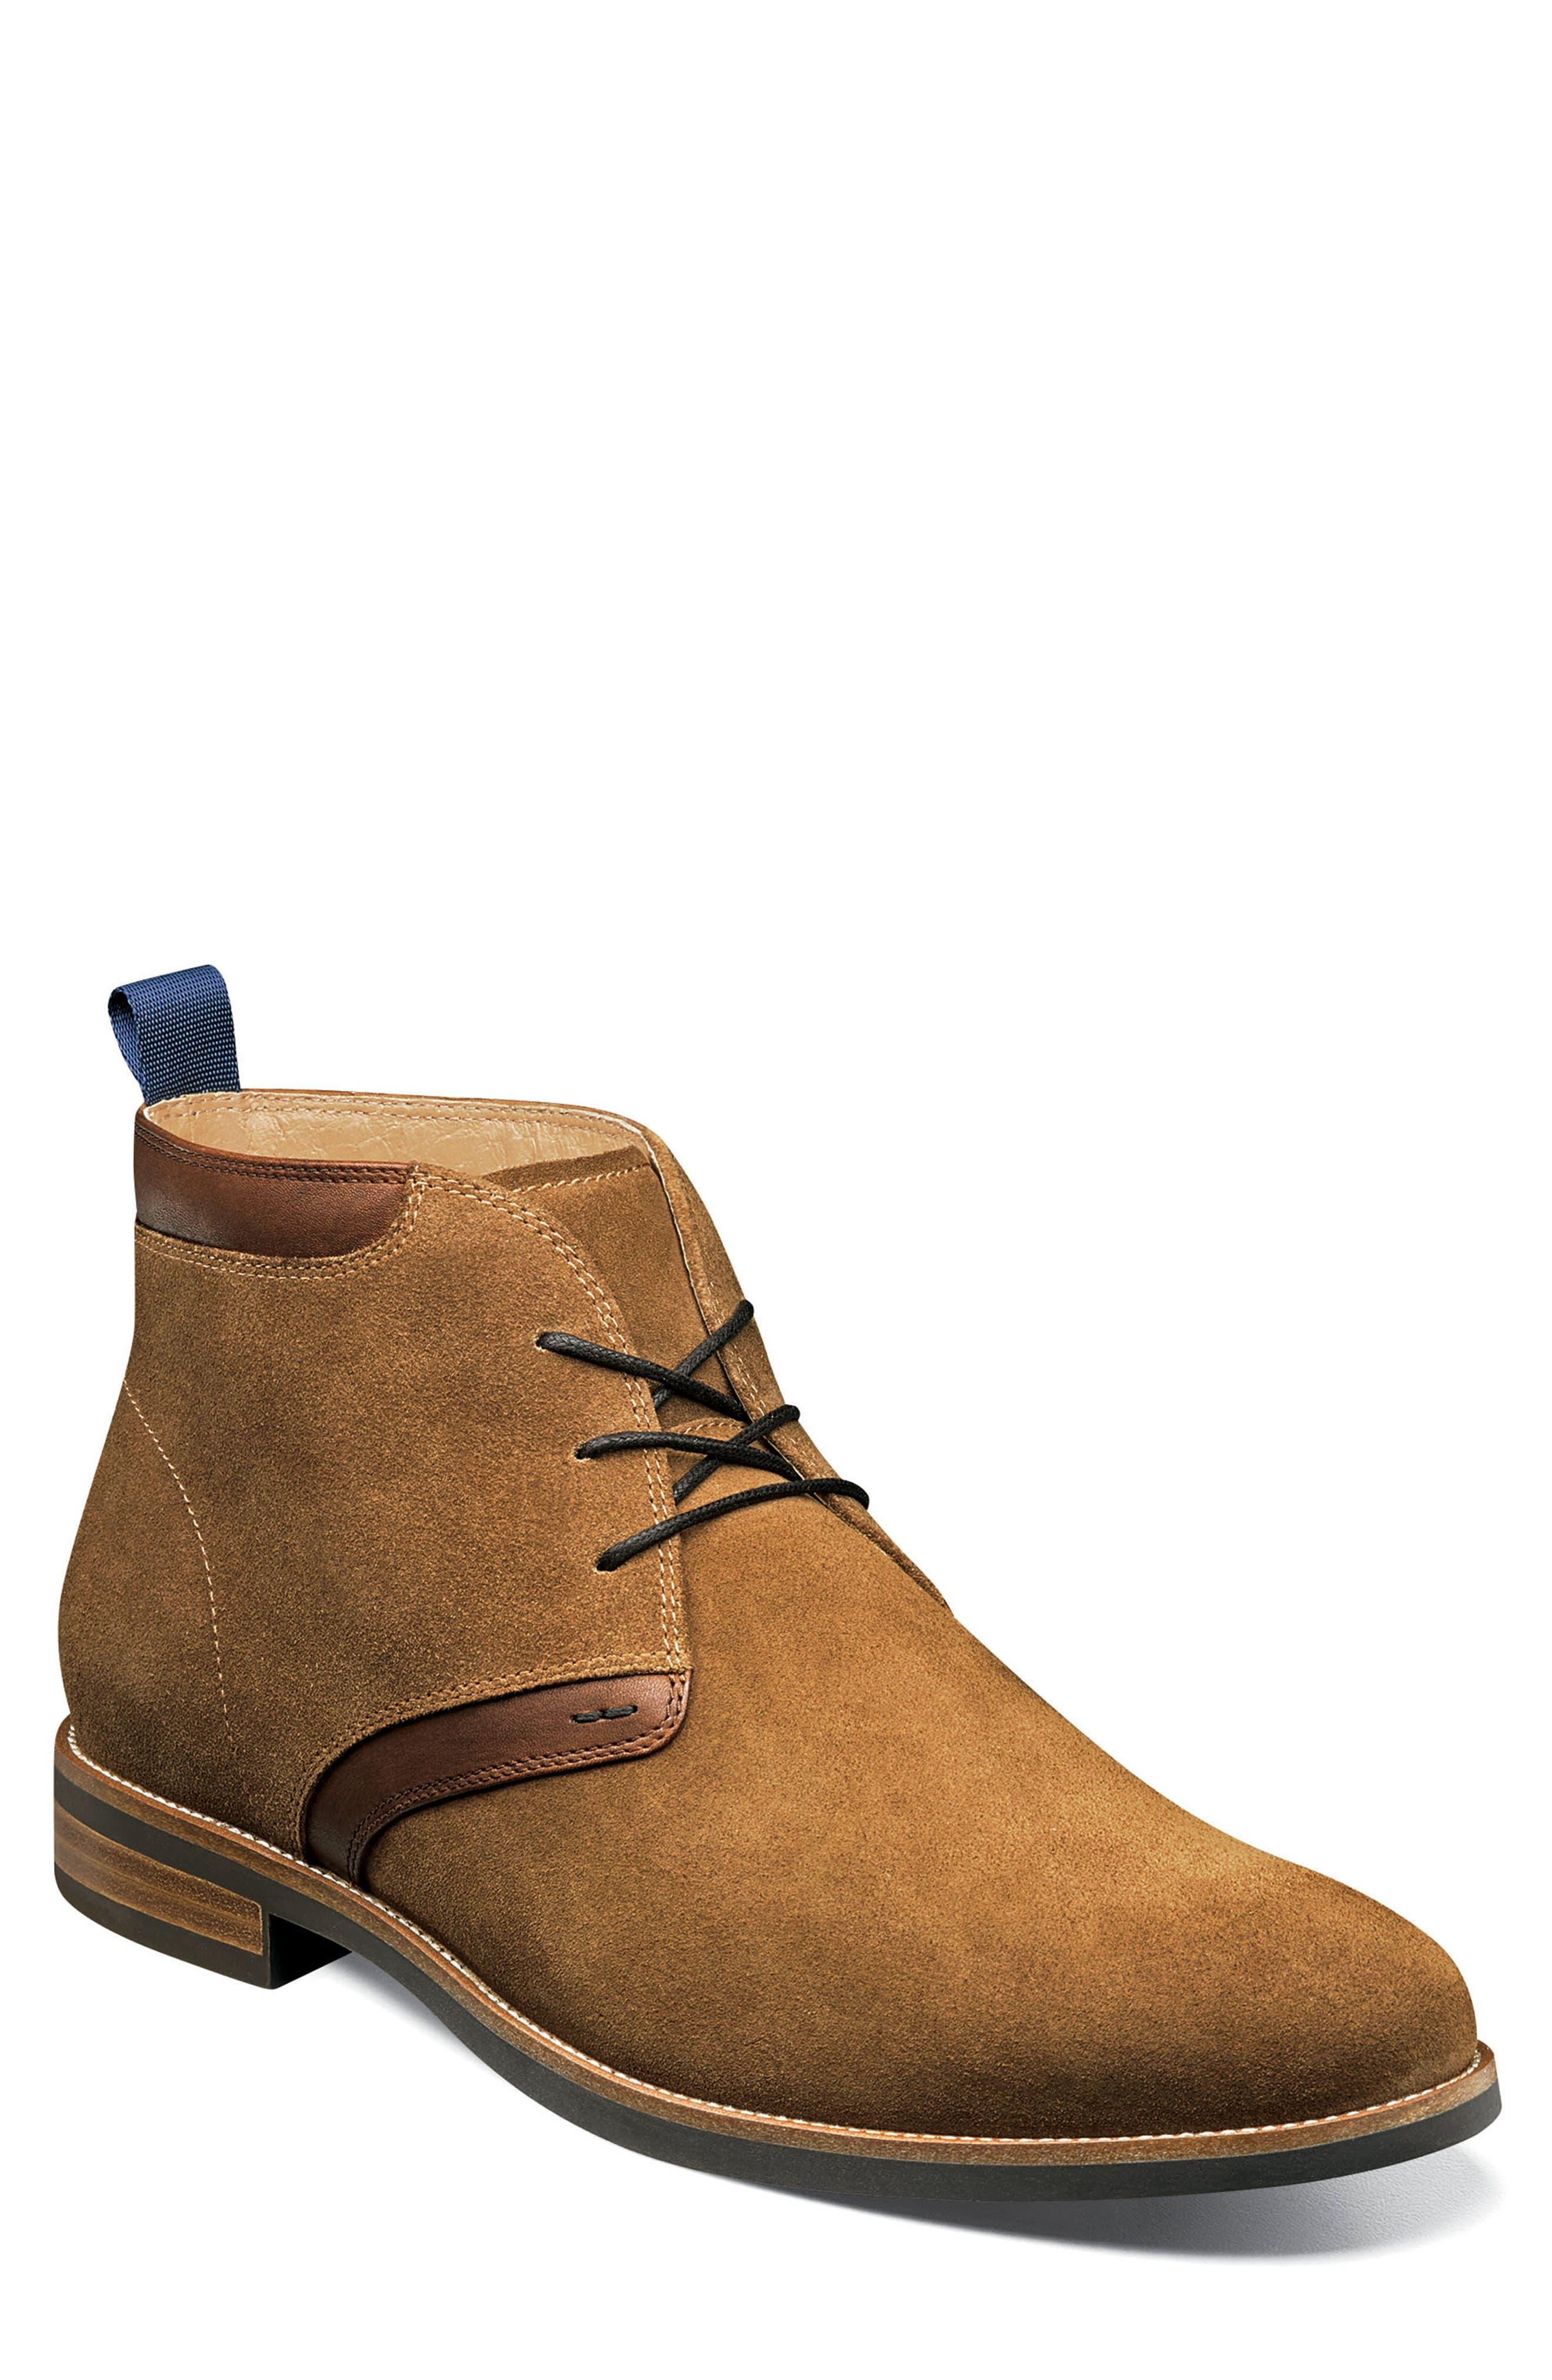 Florsheim Uptown Chukka Boot, Brown